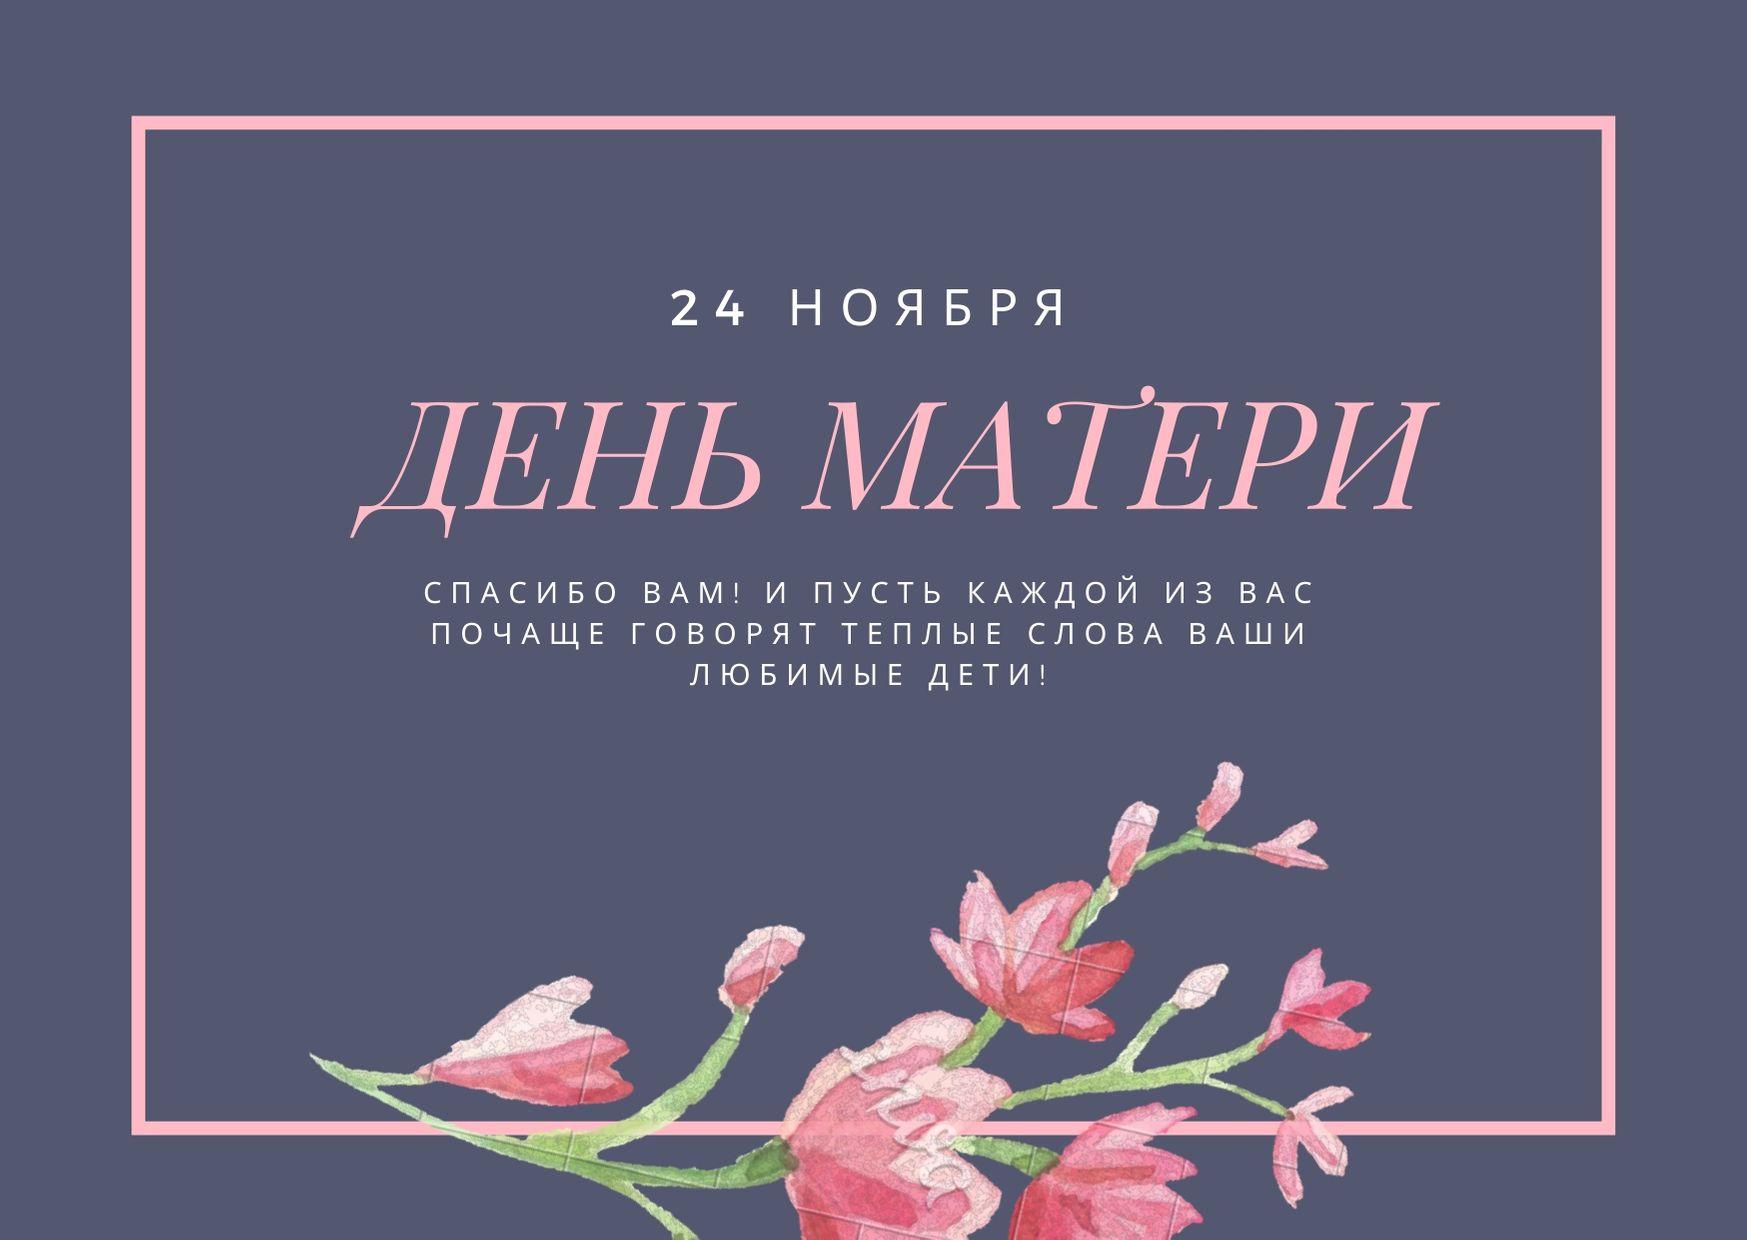 День матери. 24 ноября